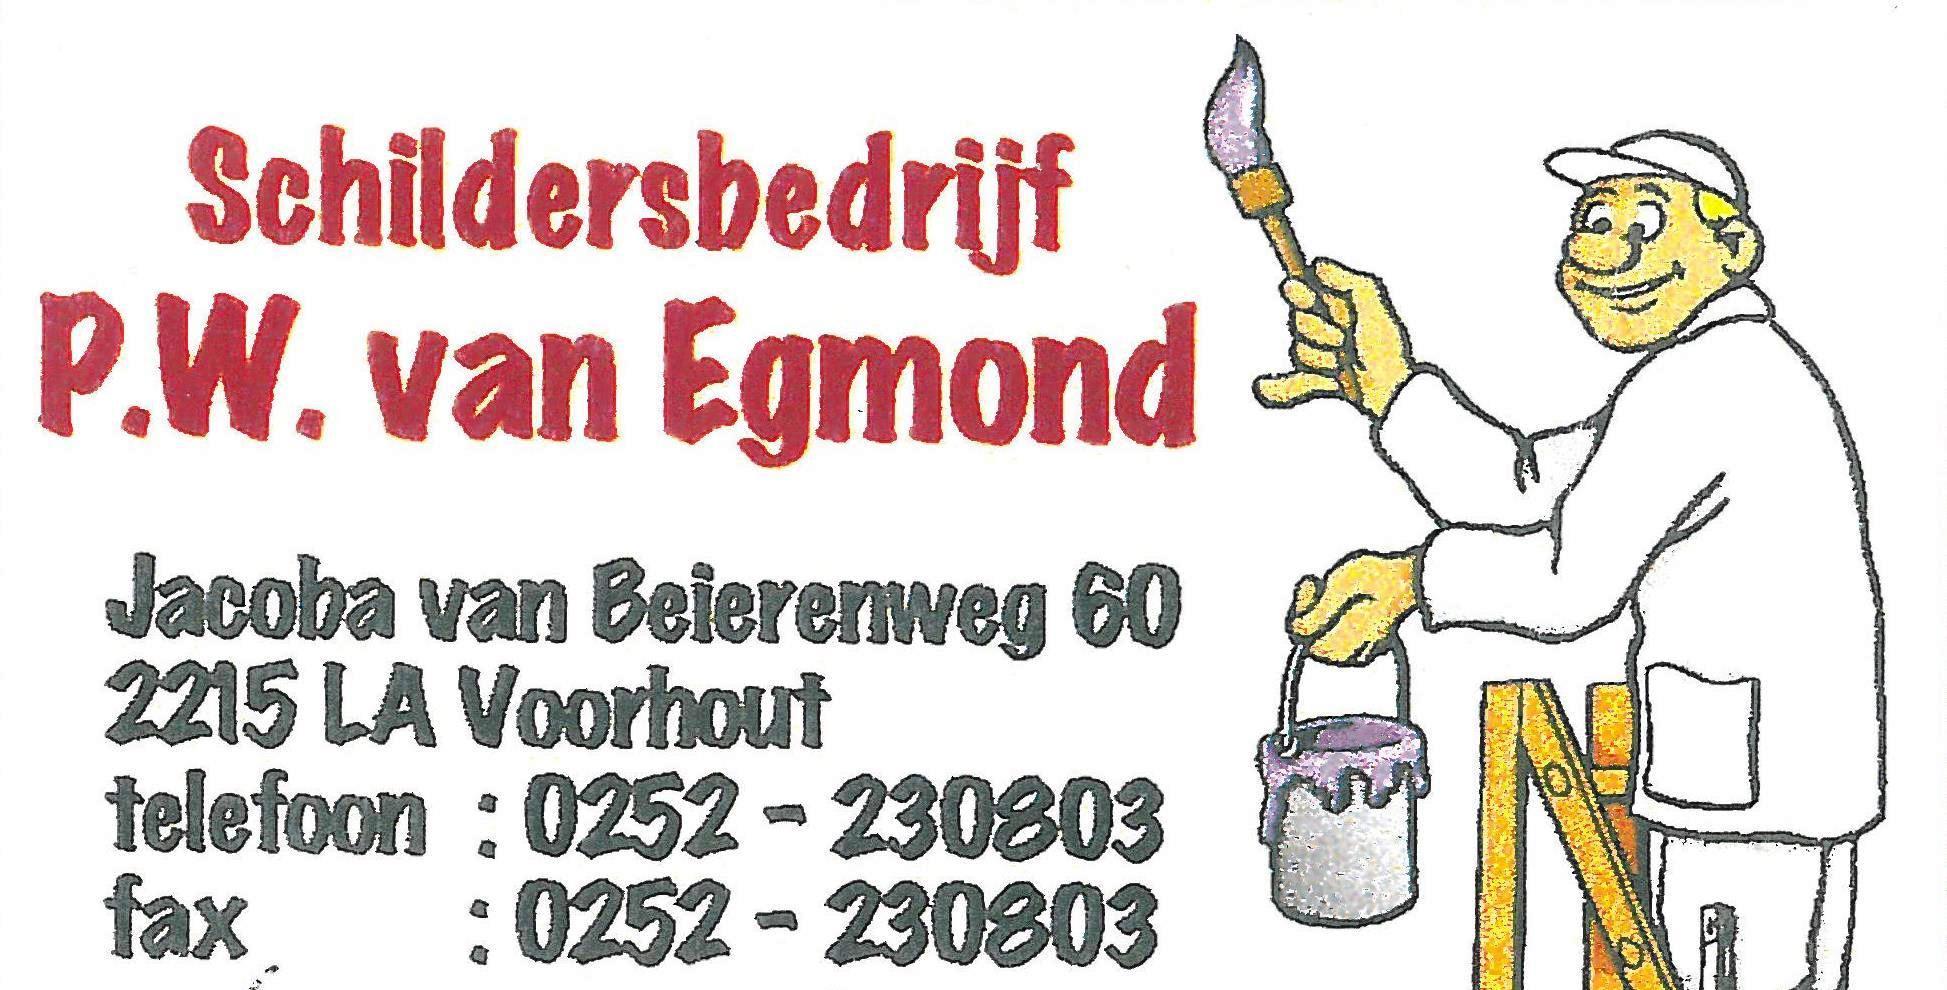 Schildersbedrijf Van Egmond